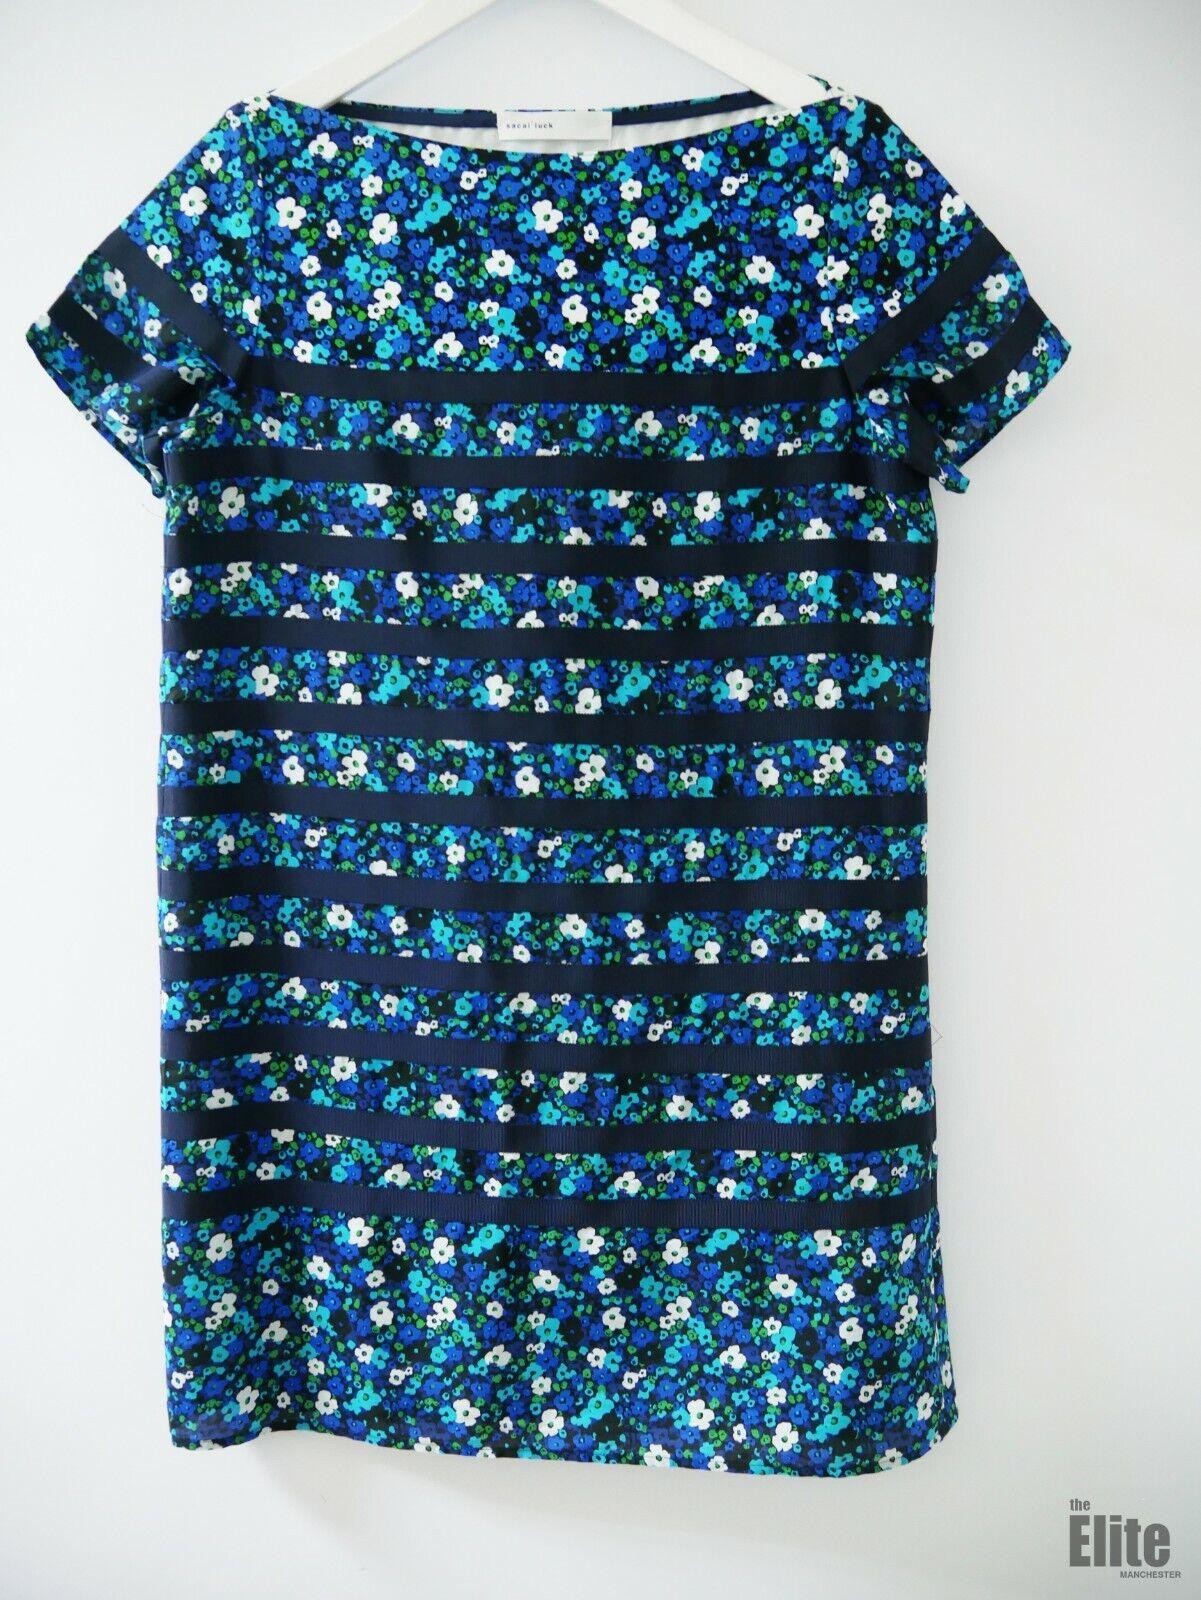 Sacai  Suerte Azul Floral Vestido Talla M. 10623 33M  el mejor servicio post-venta